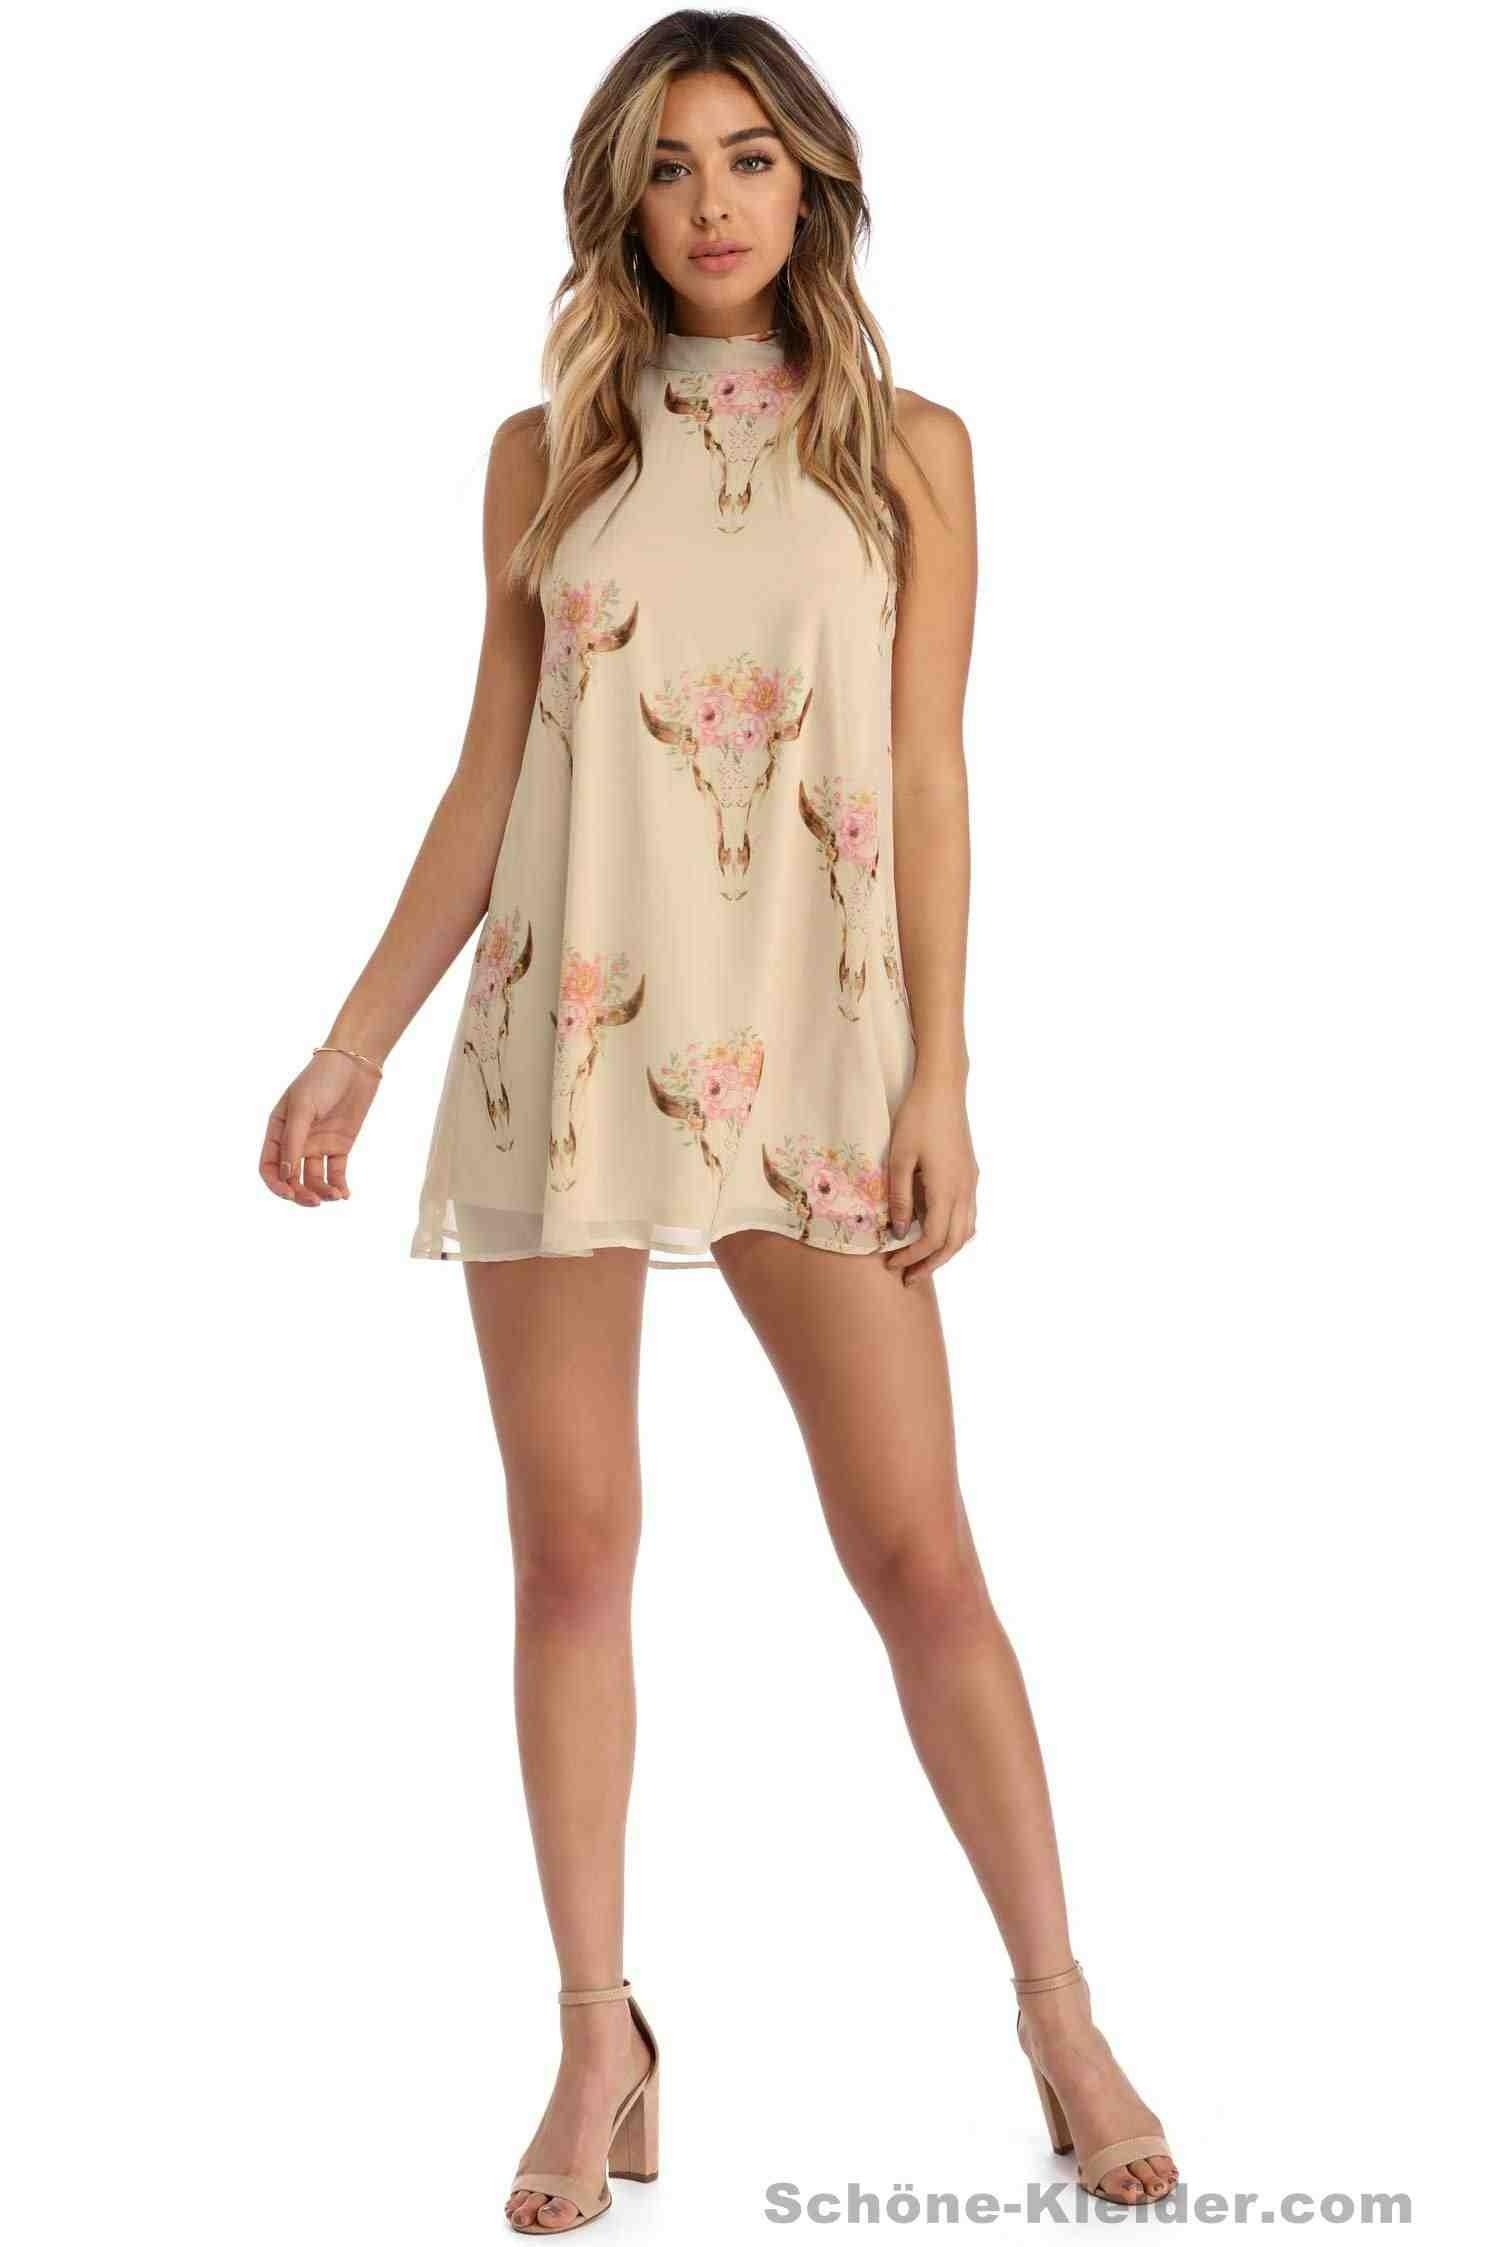 Einzigartig Schlichte Kurze Kleider Stylish15 Wunderbar Schlichte Kurze Kleider Boutique